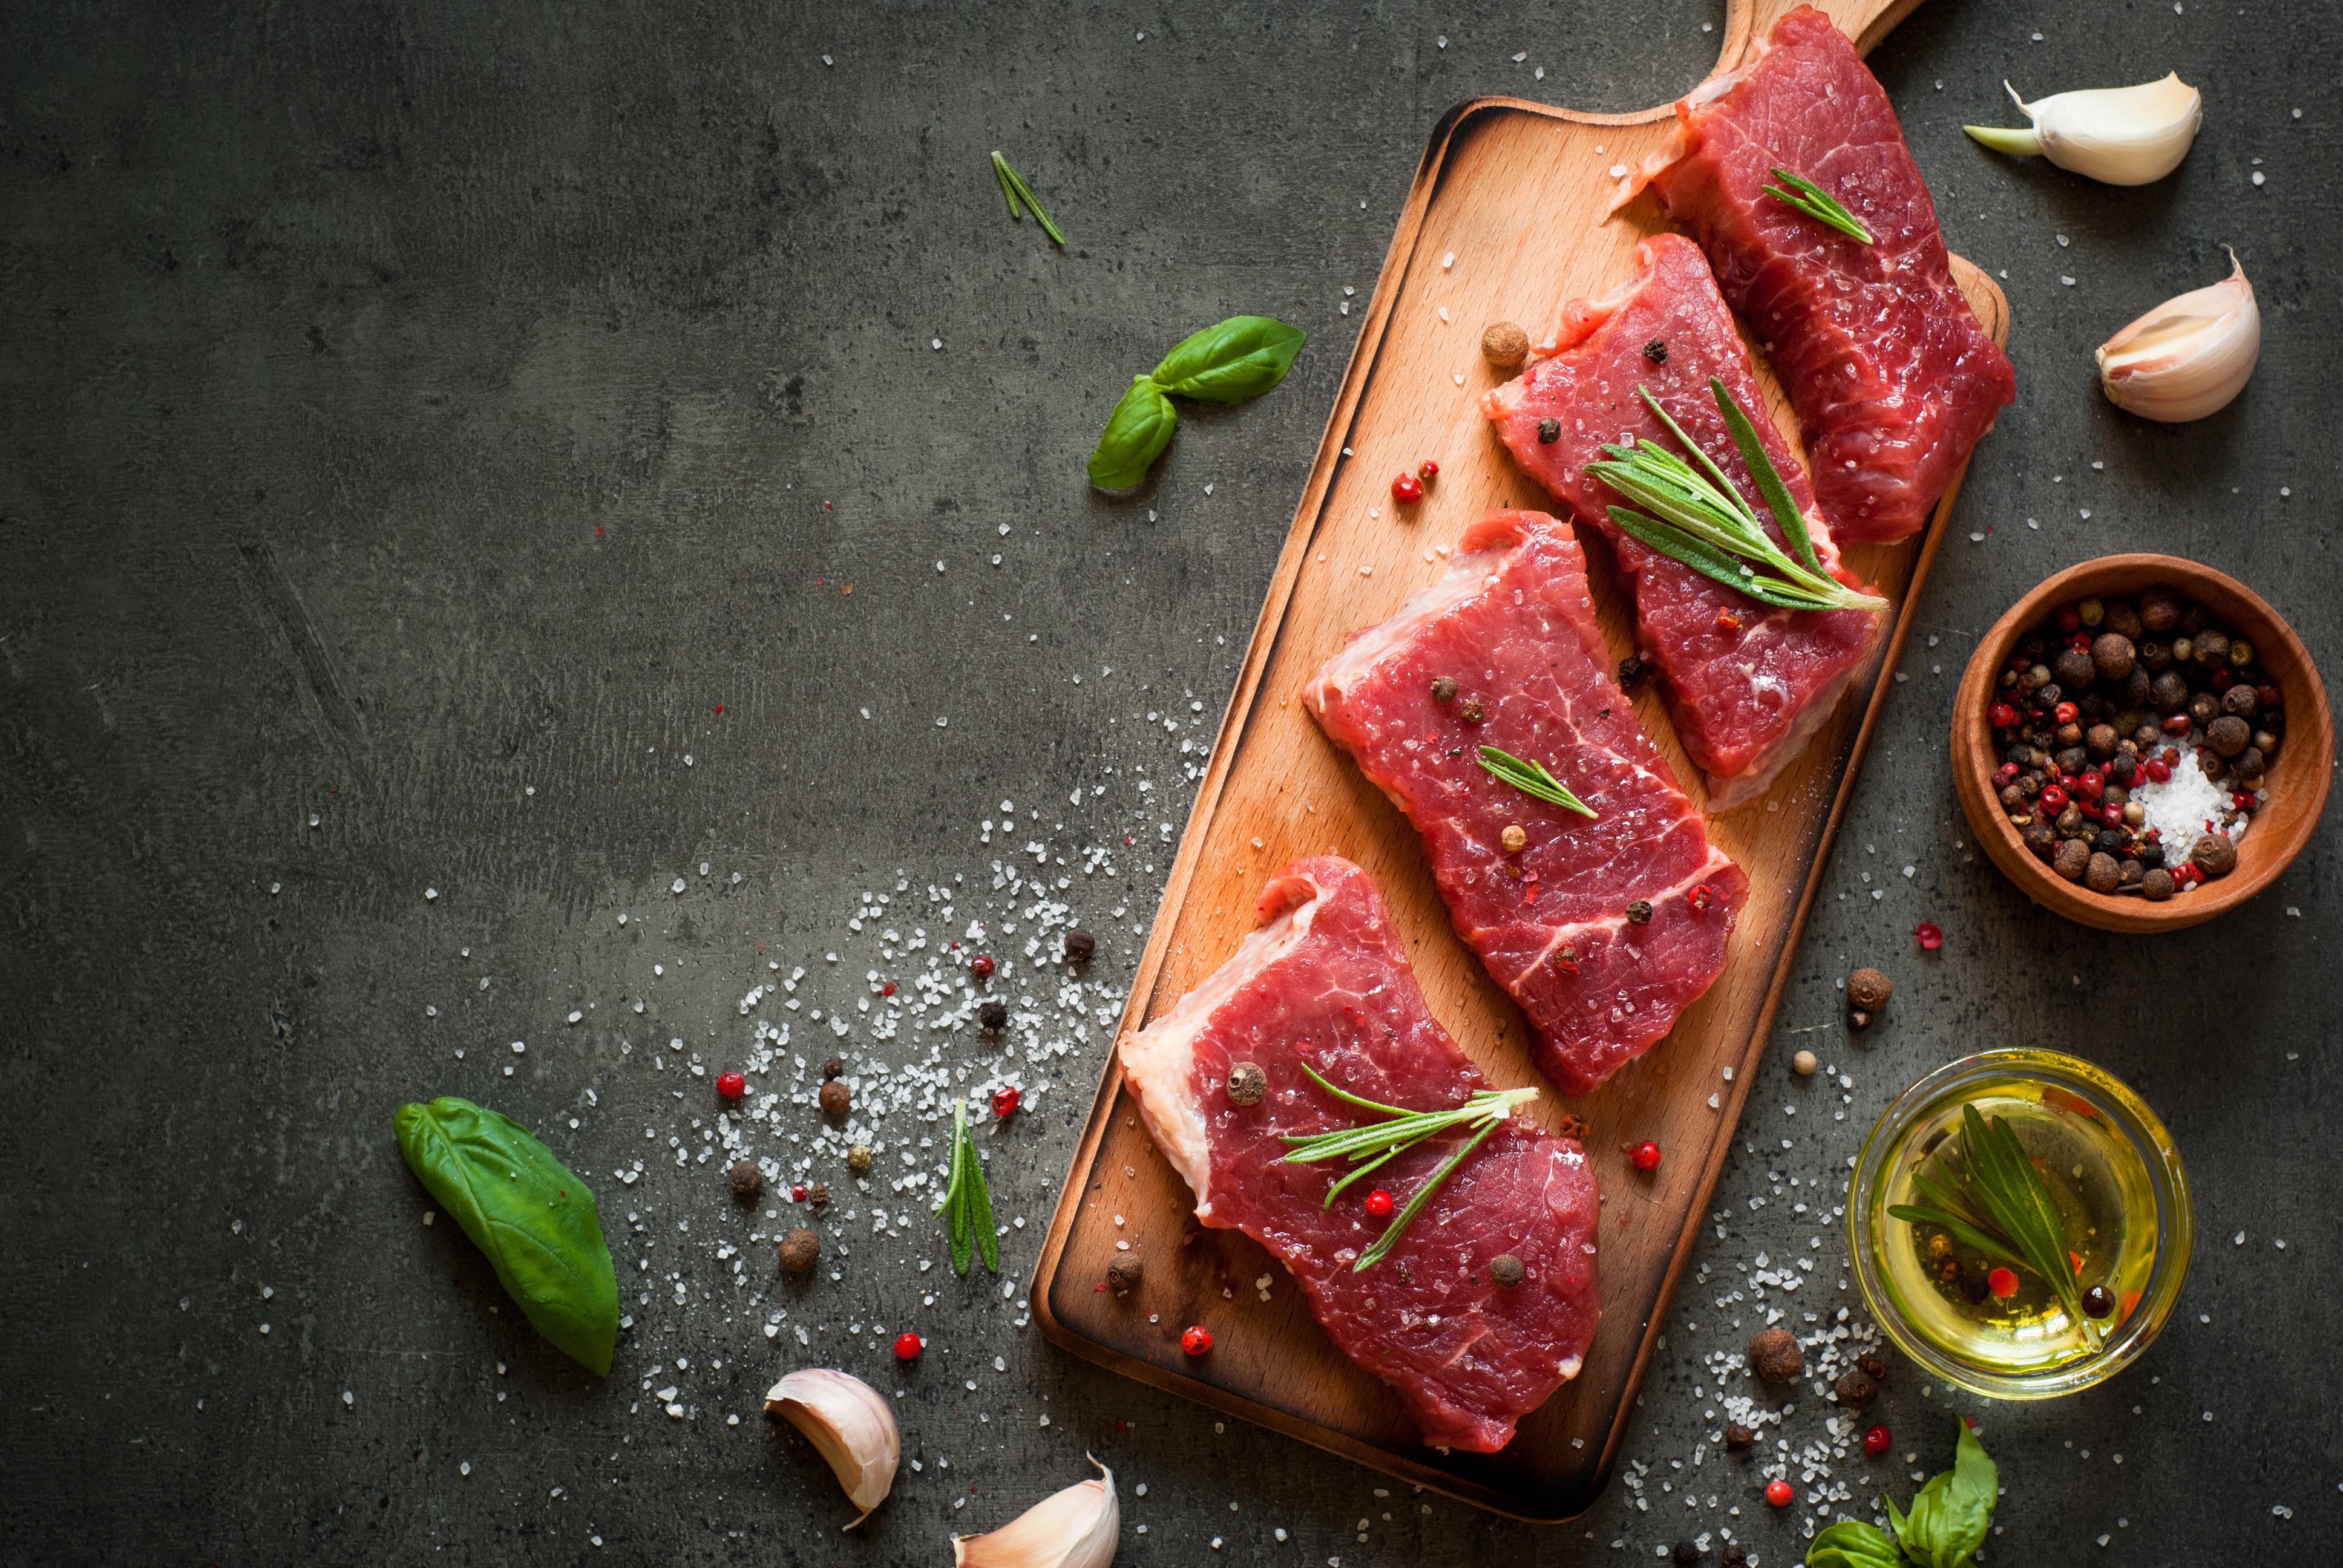 Fleisch Zubereitung: Diese Hofstädter Methoden sollten Sie kennen